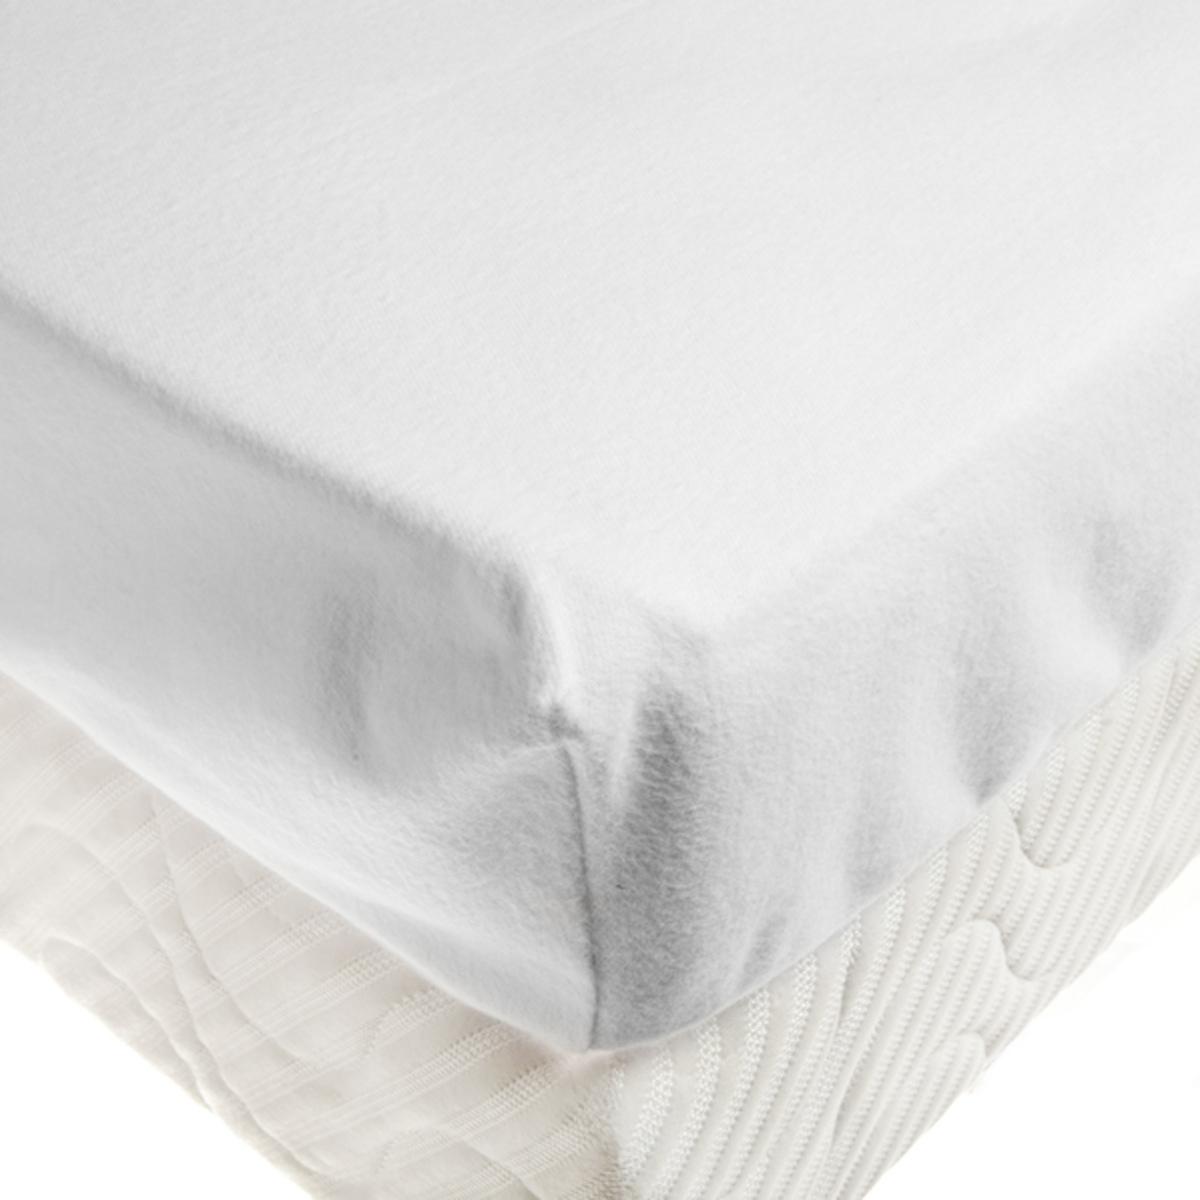 drap housse double molleton gratte soldes jusqu 39 55 linge de lit de qualit tradition. Black Bedroom Furniture Sets. Home Design Ideas